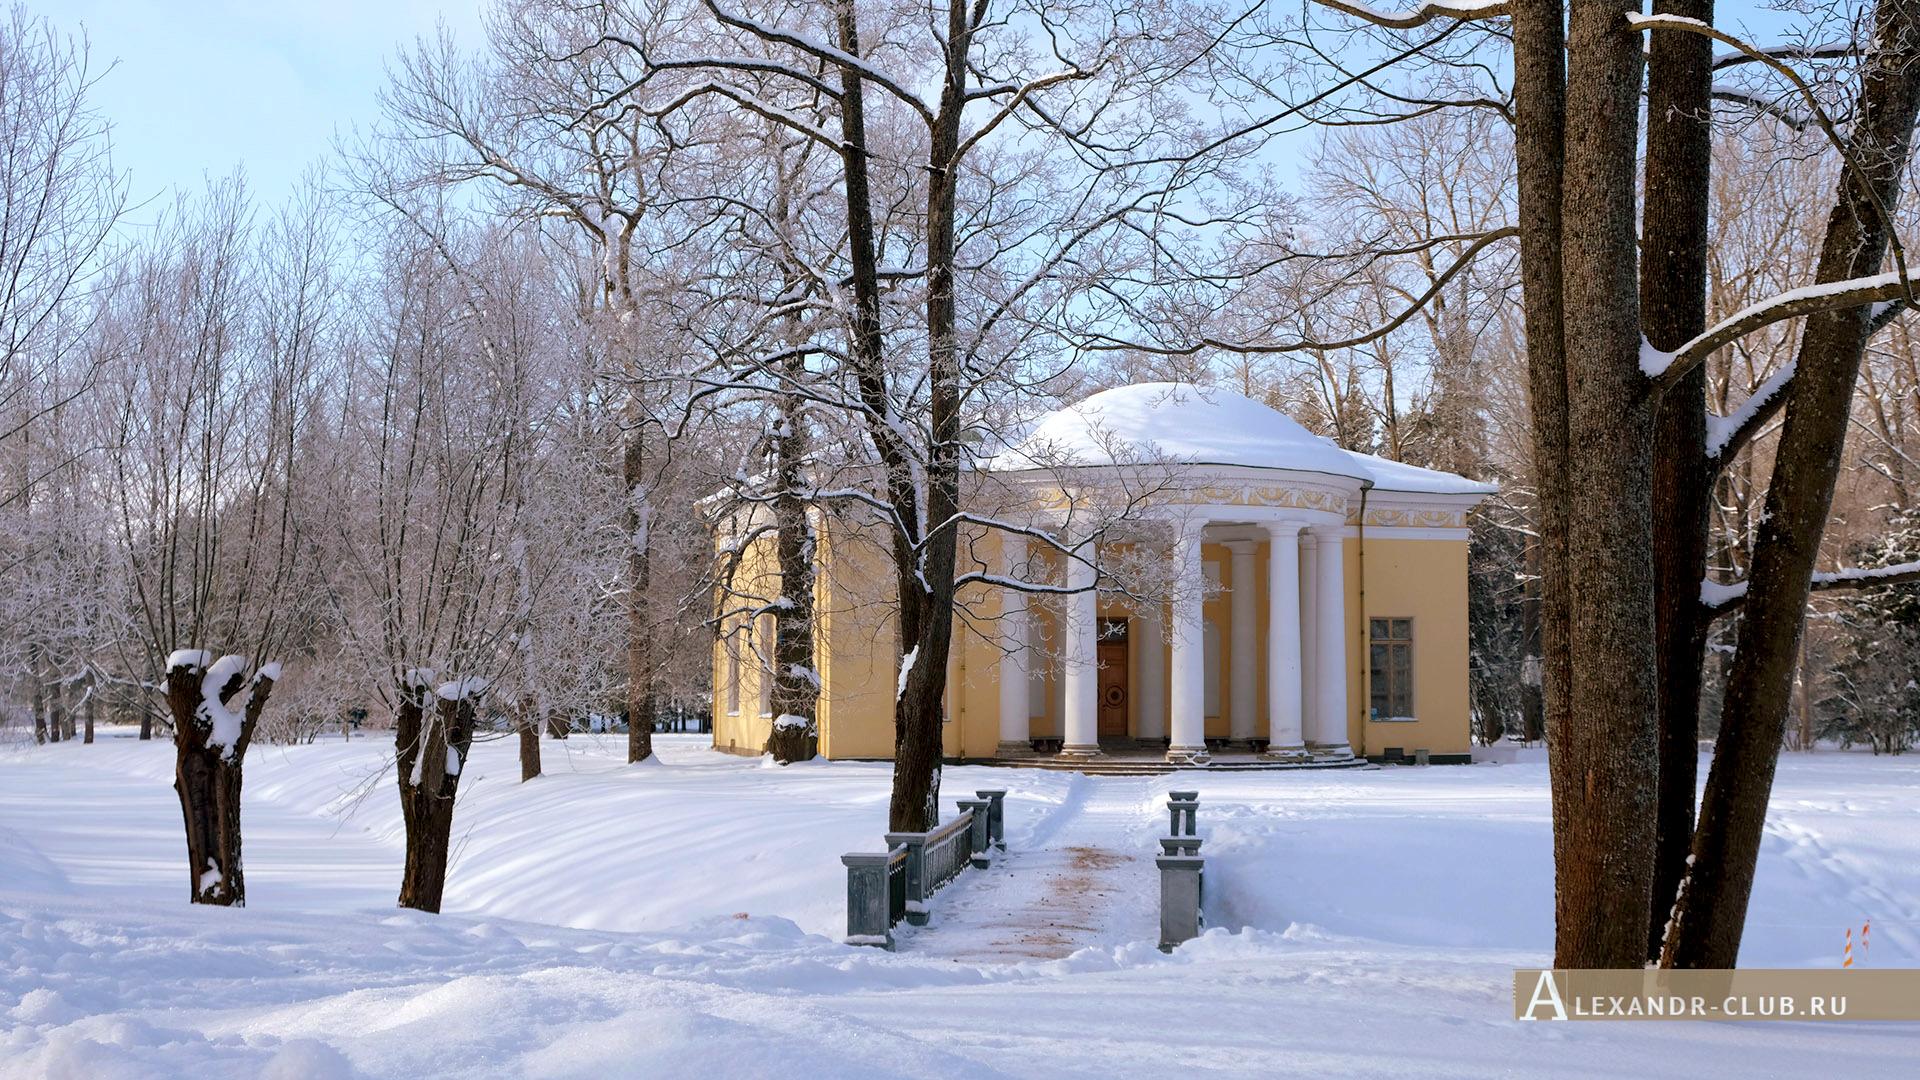 Царское Село, зима, Екатерининский парк, павильон «Концертный зал»